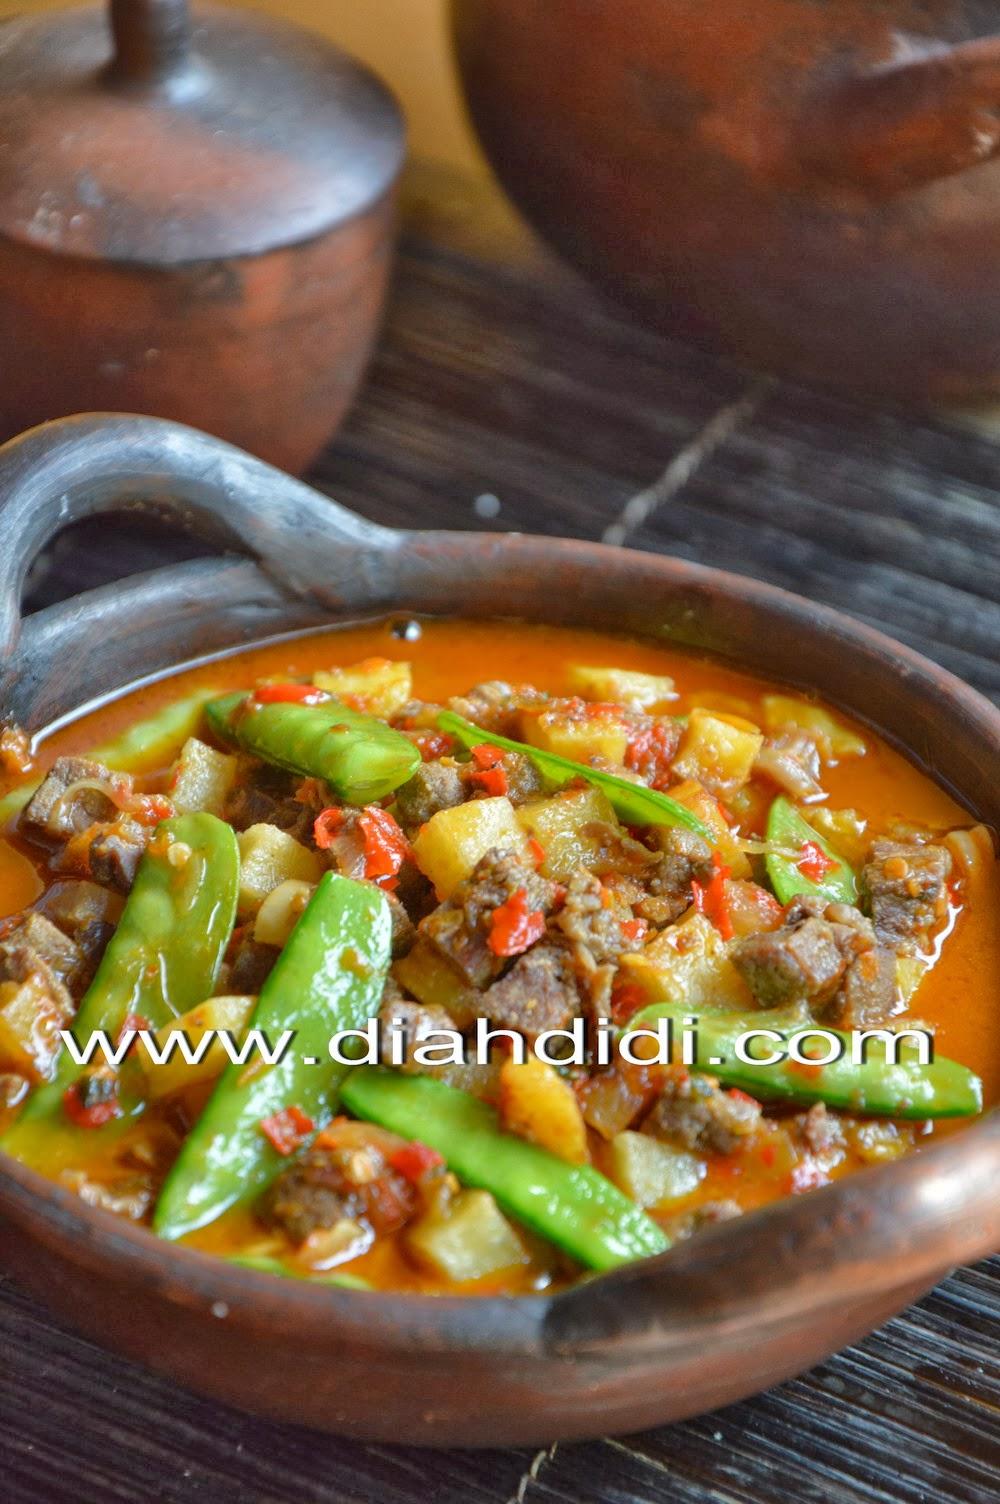 5.657 resep tahu tempe santan ala rumahan yang mudah dan enak dari komunitas memasak terbesar dunia! Diah Didi S Kitchen Sambel Goreng Ati Kapri Kentang